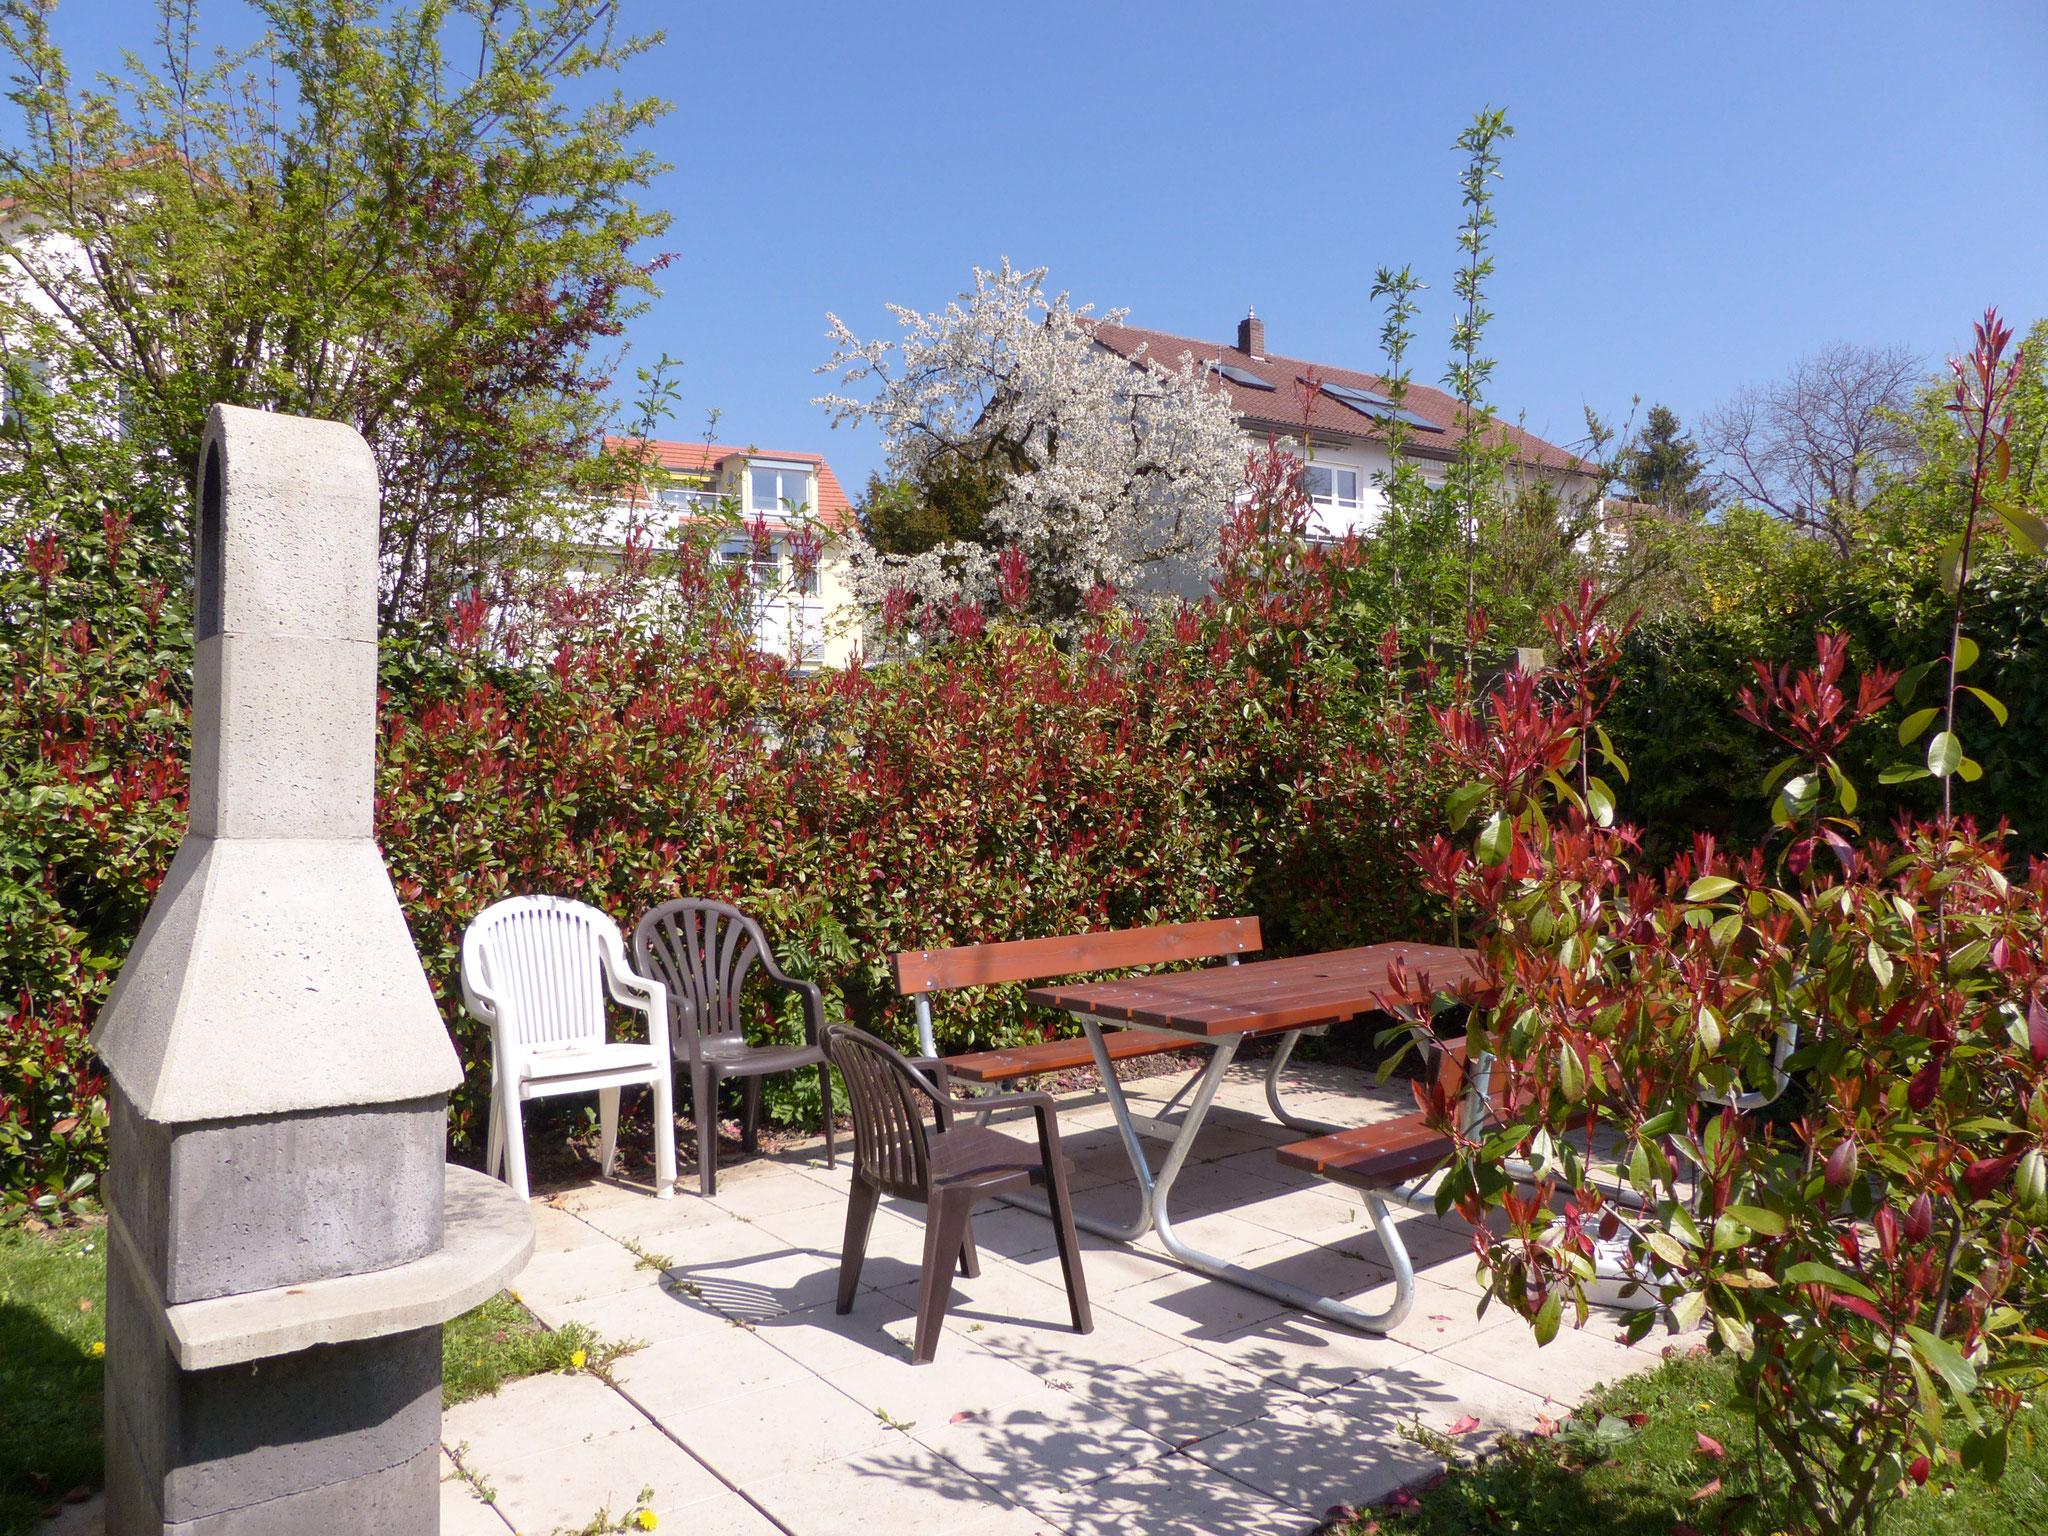 Sitzbereich im Garten mit Grillstelle